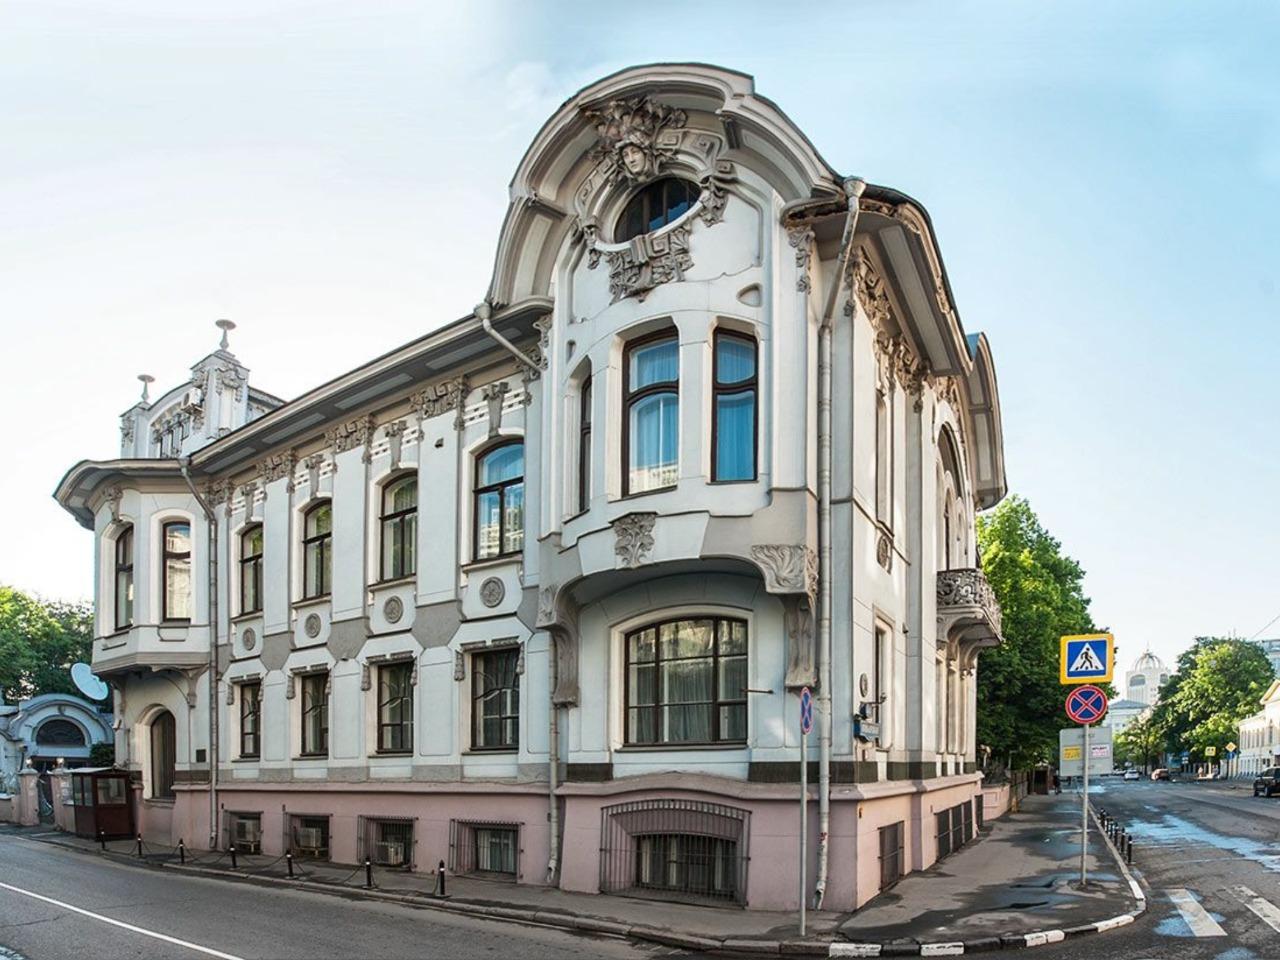 Поварская улица - заповедная территория Москвы - групповая экскурсия в Москве от опытного гида